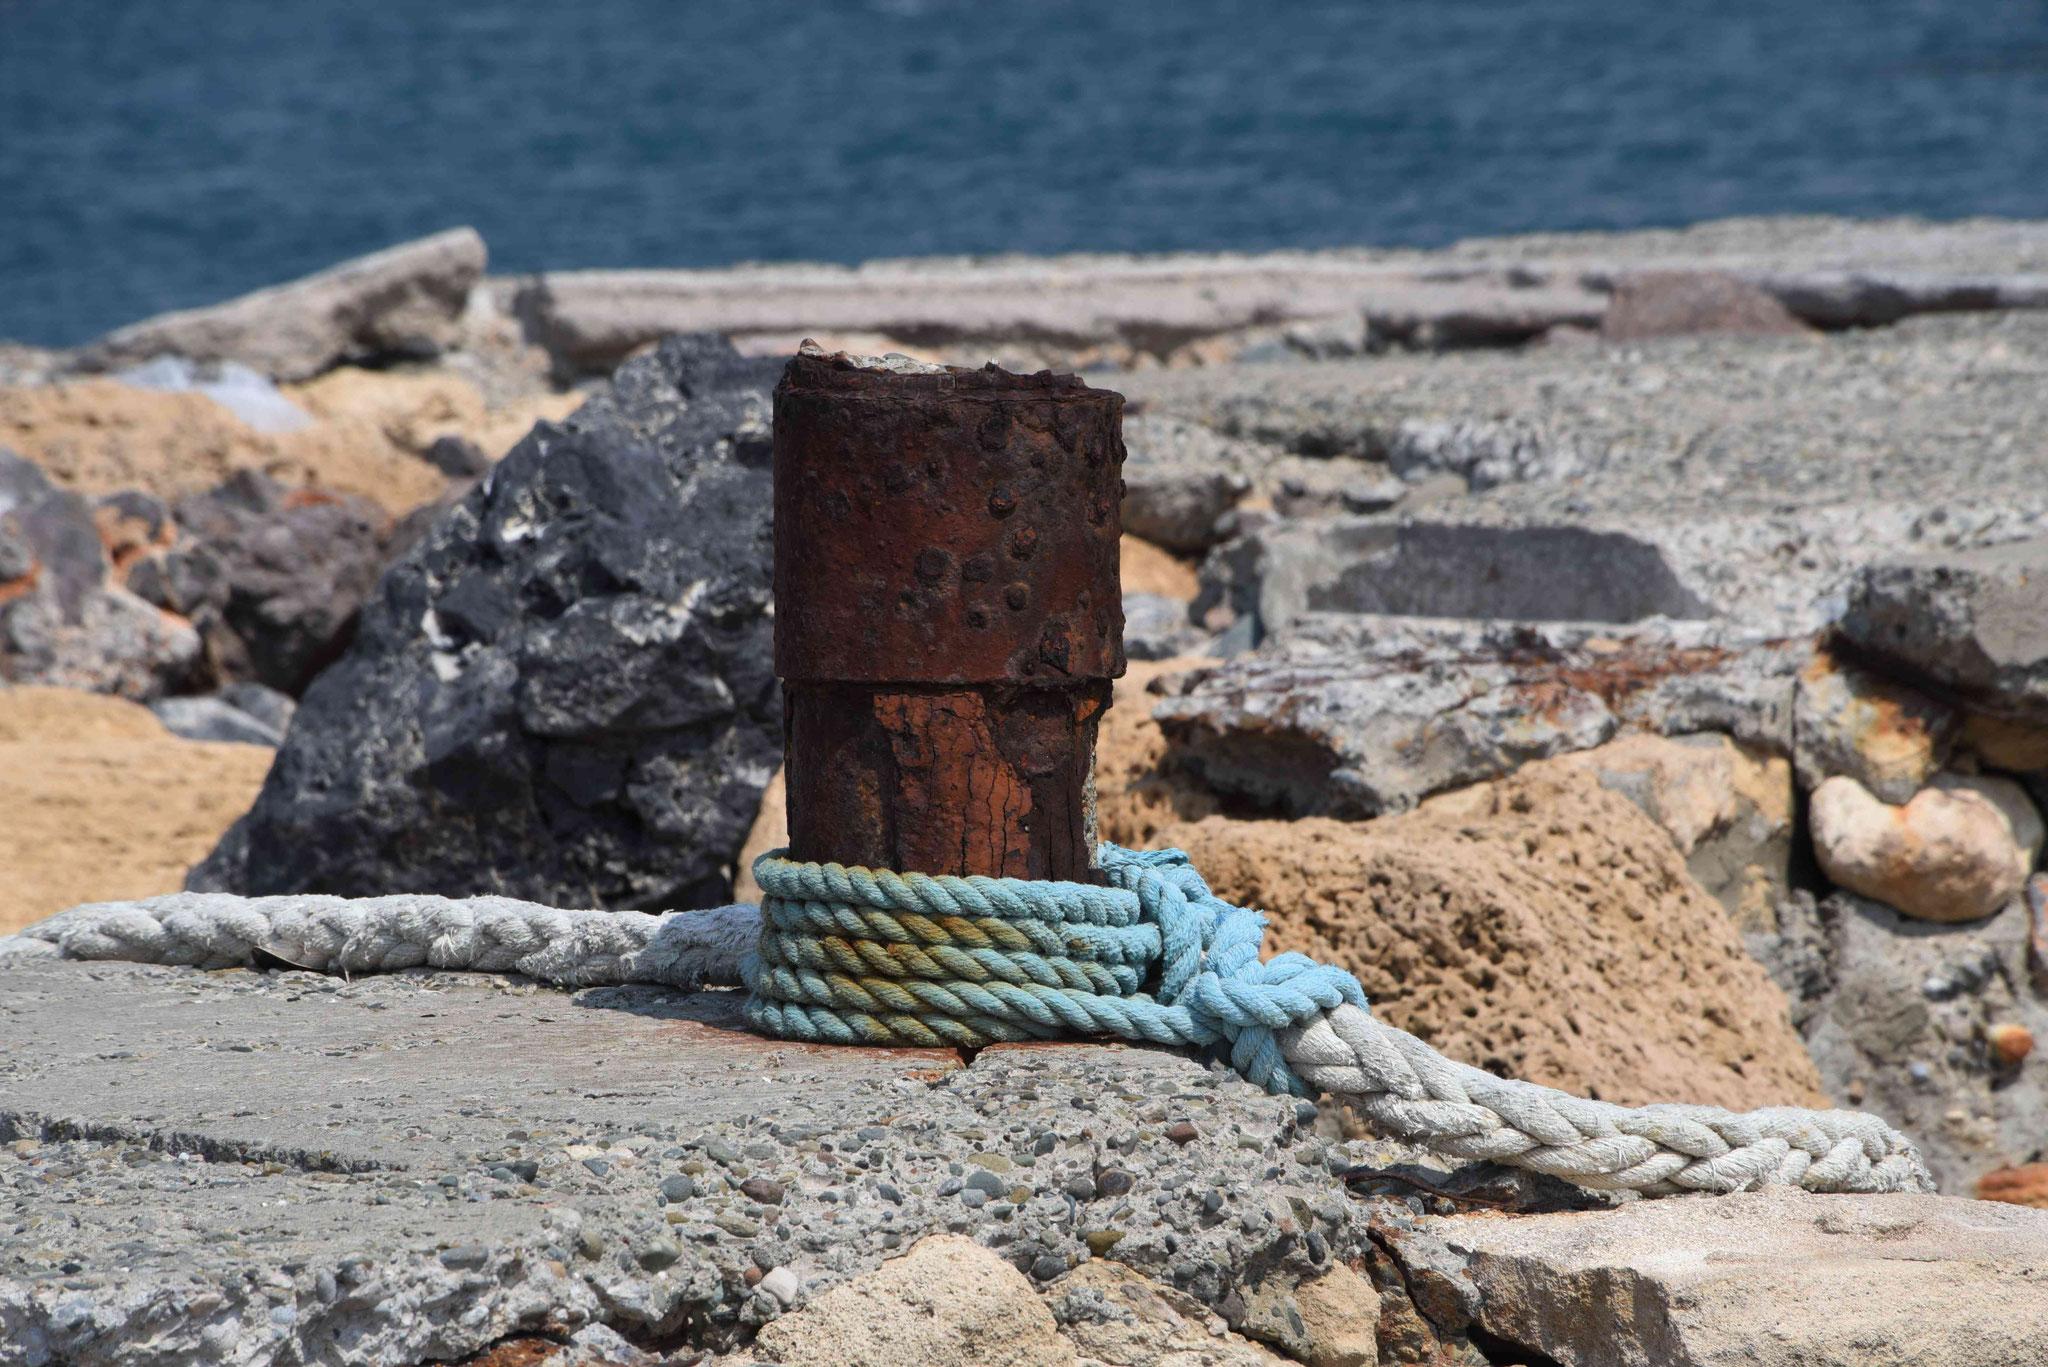 ... das Salzwasser greift bekanntlich Eisen an